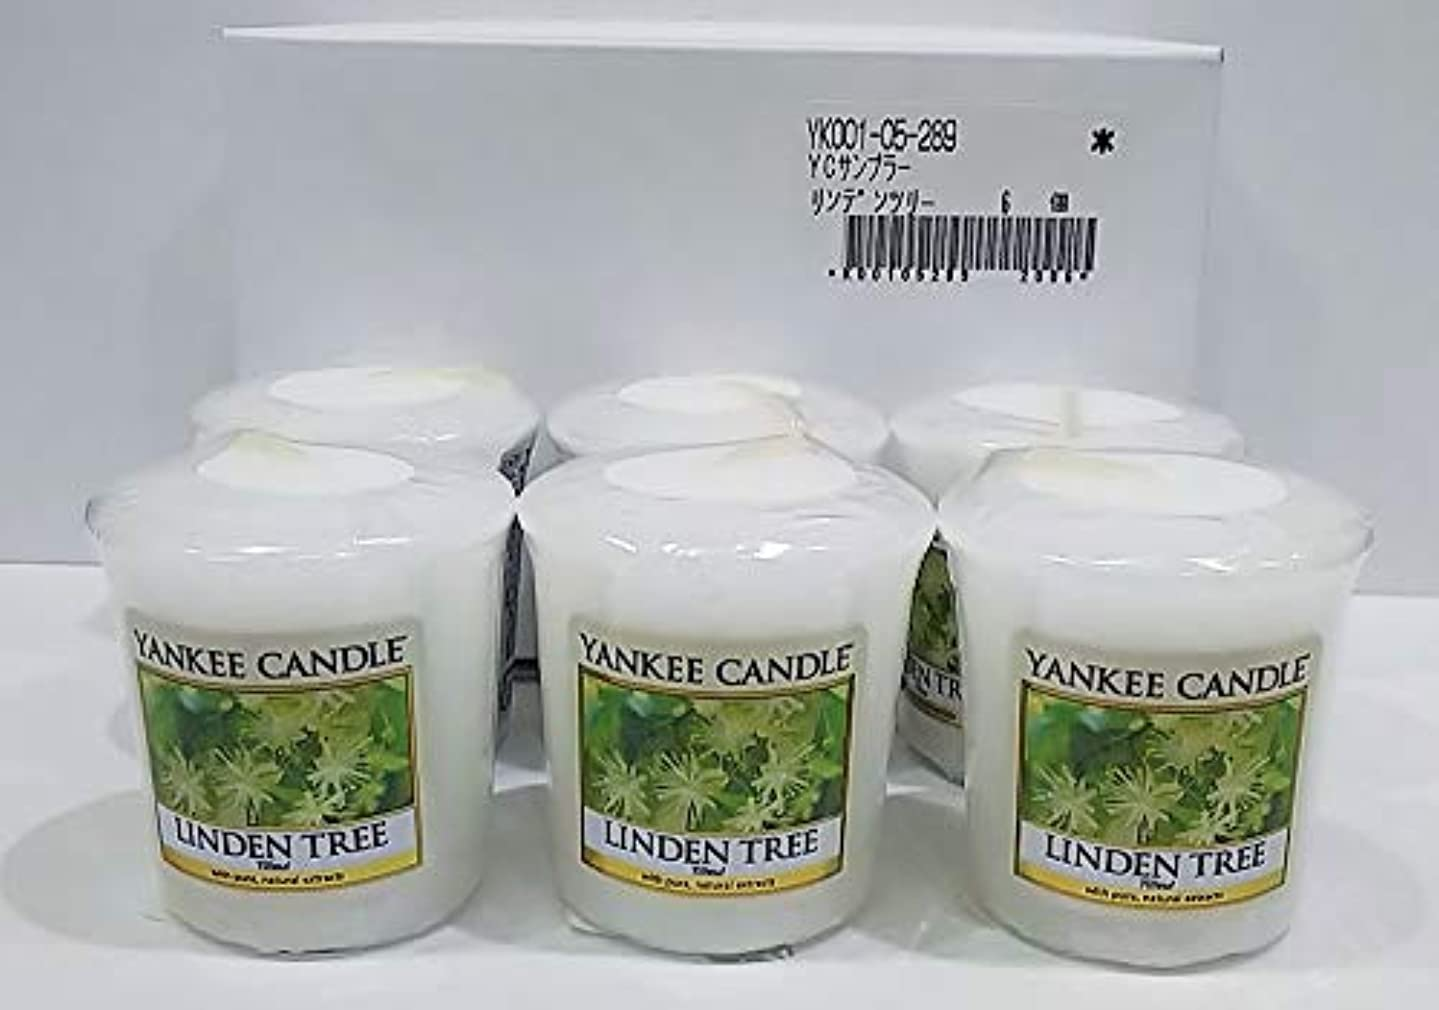 のために瞑想的シミュレートするヤンキーキャンドル サンプラー お試しサイズ リンデンツリー 6個セット 燃焼時間約15時間 YANKEECANDLE アメリカ製